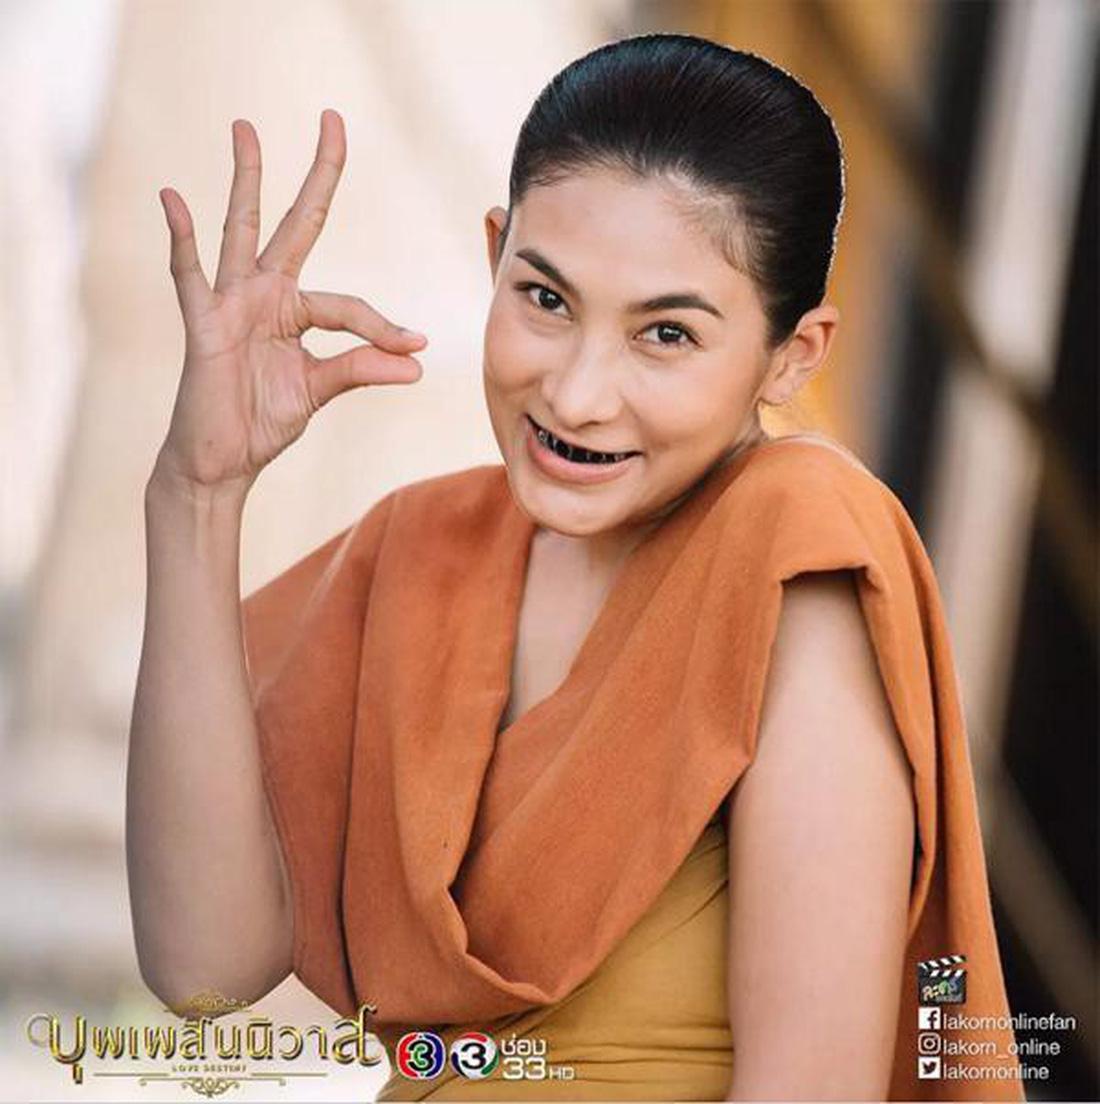 Nhân duyên tiền định và lý do Thủ tướng Thái phải gặp đoàn phim - Ảnh 17.